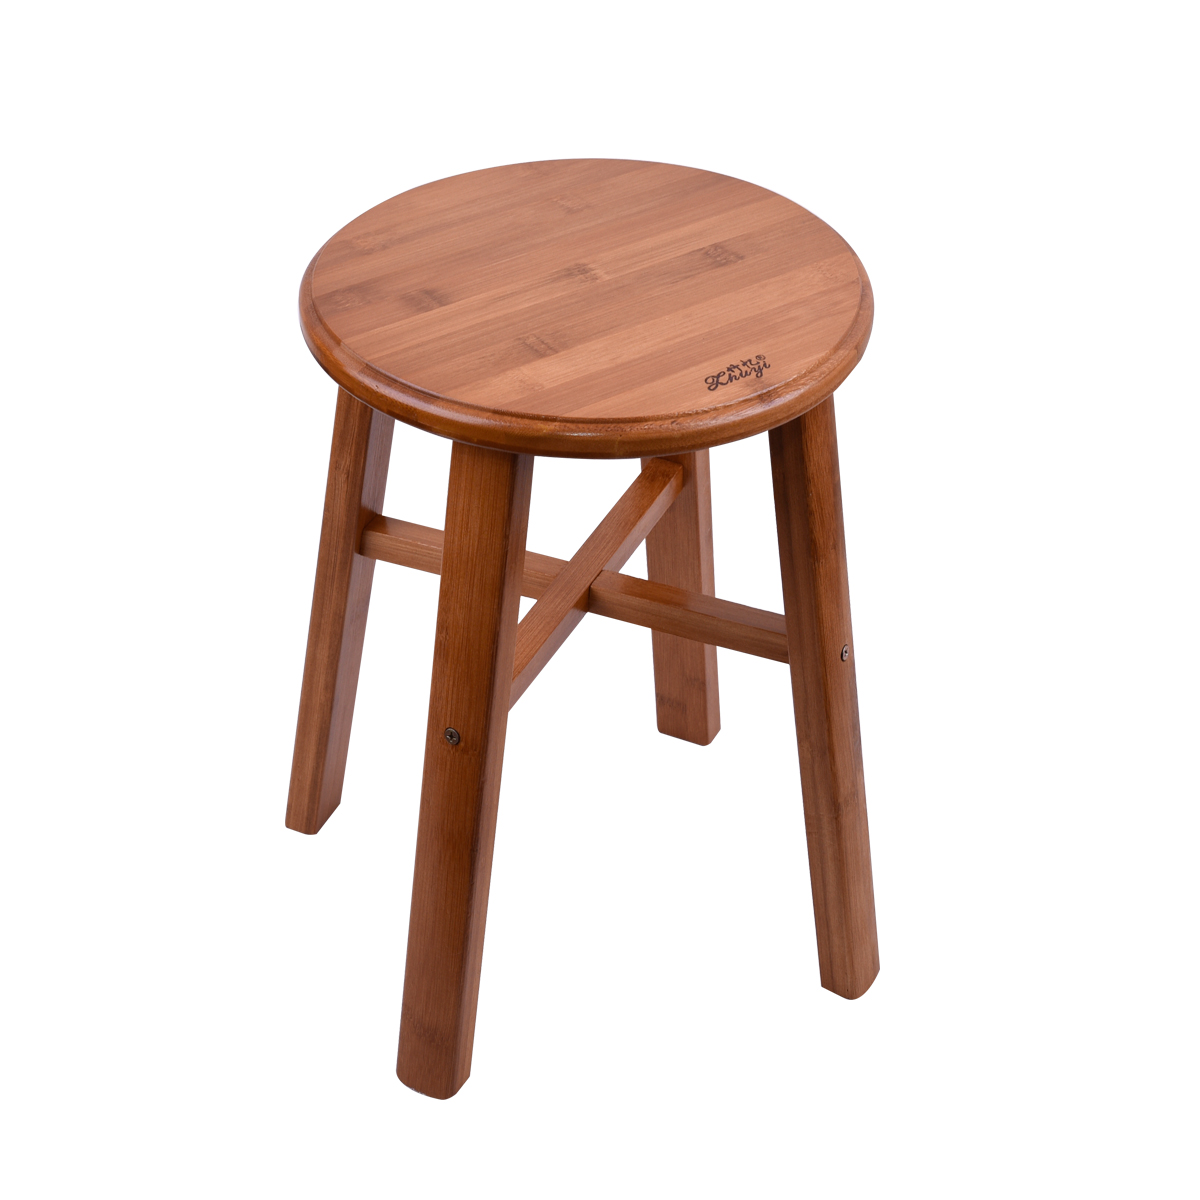 طاولة تقديم وخدمة خشب دائرية - 19528-  من ماي مارت